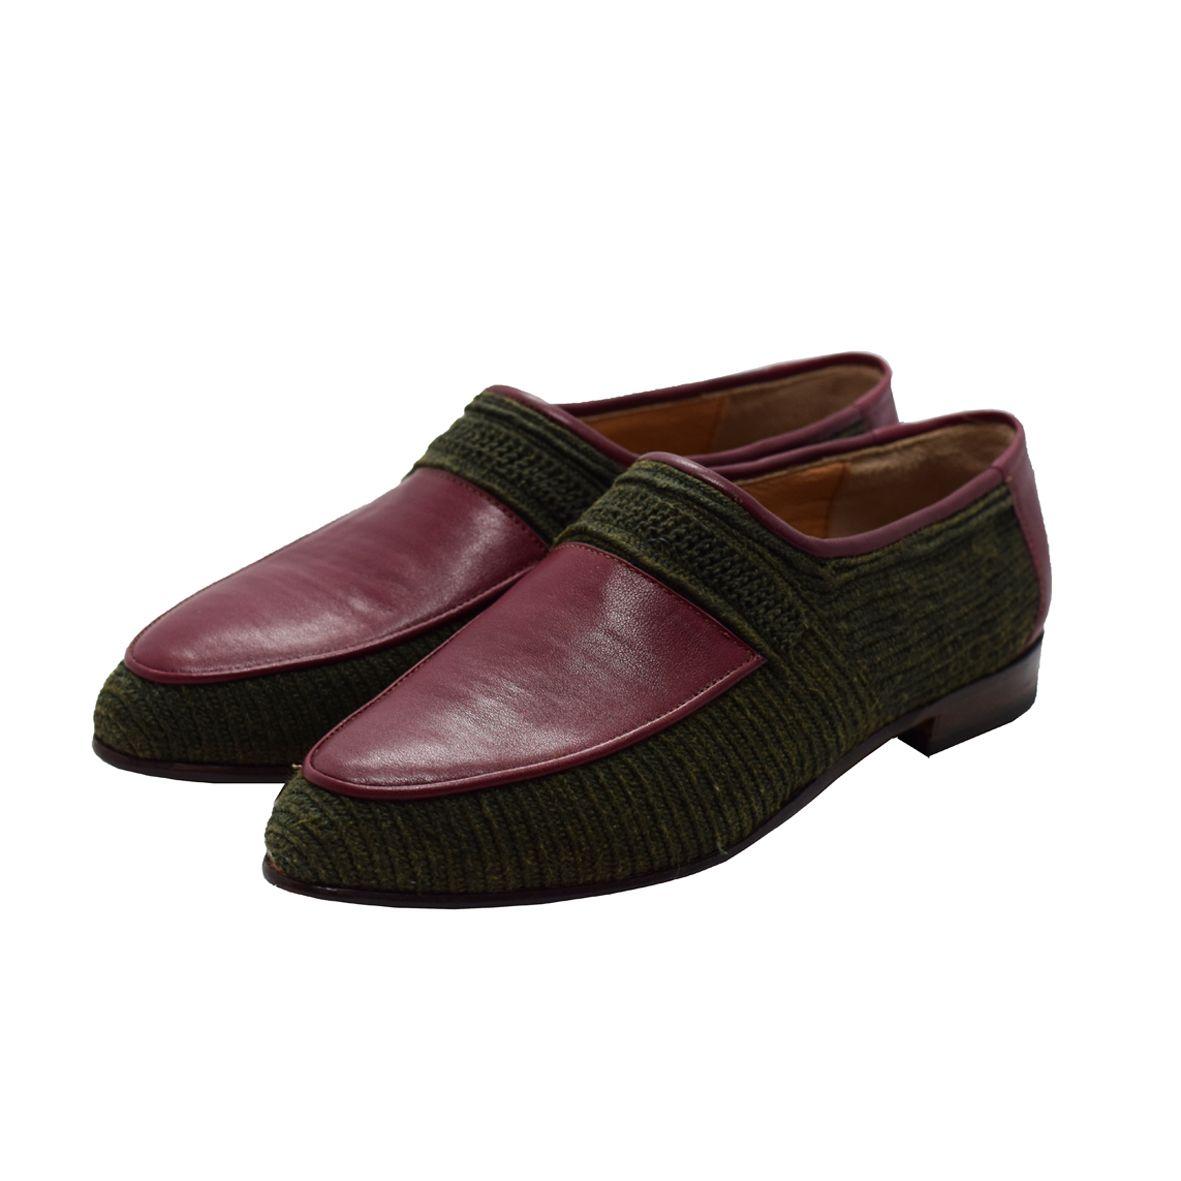 کفش زنانه دگرمان مدل آبان کد deg.1ab1023 -  - 3